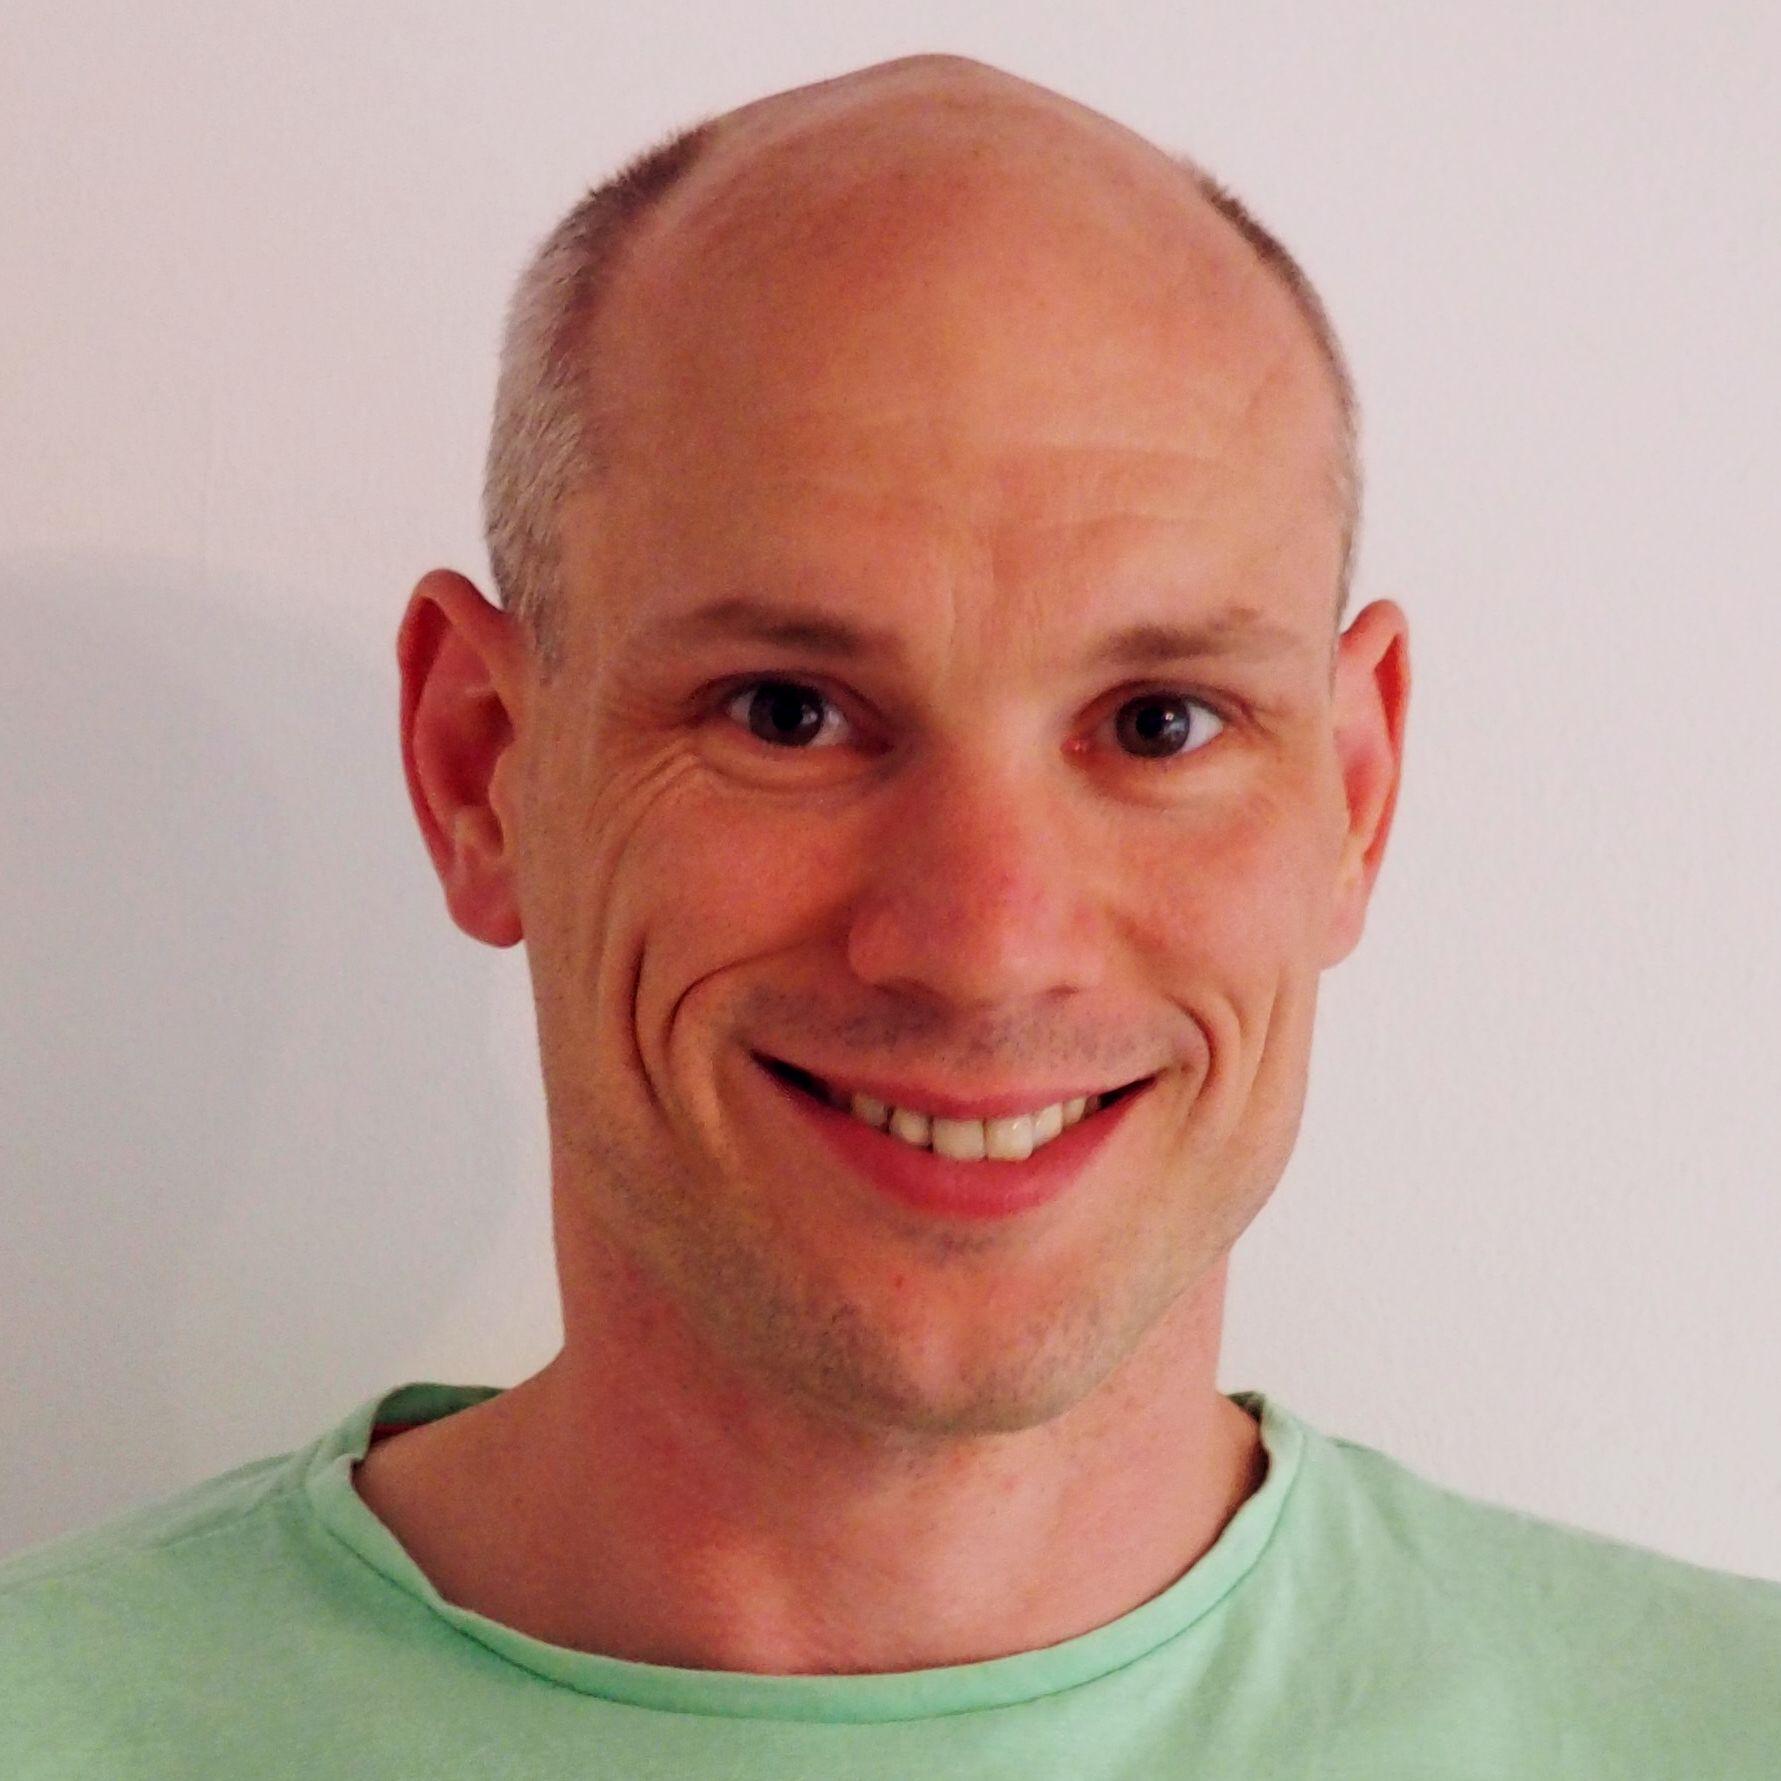 Daniel Diepenbrock